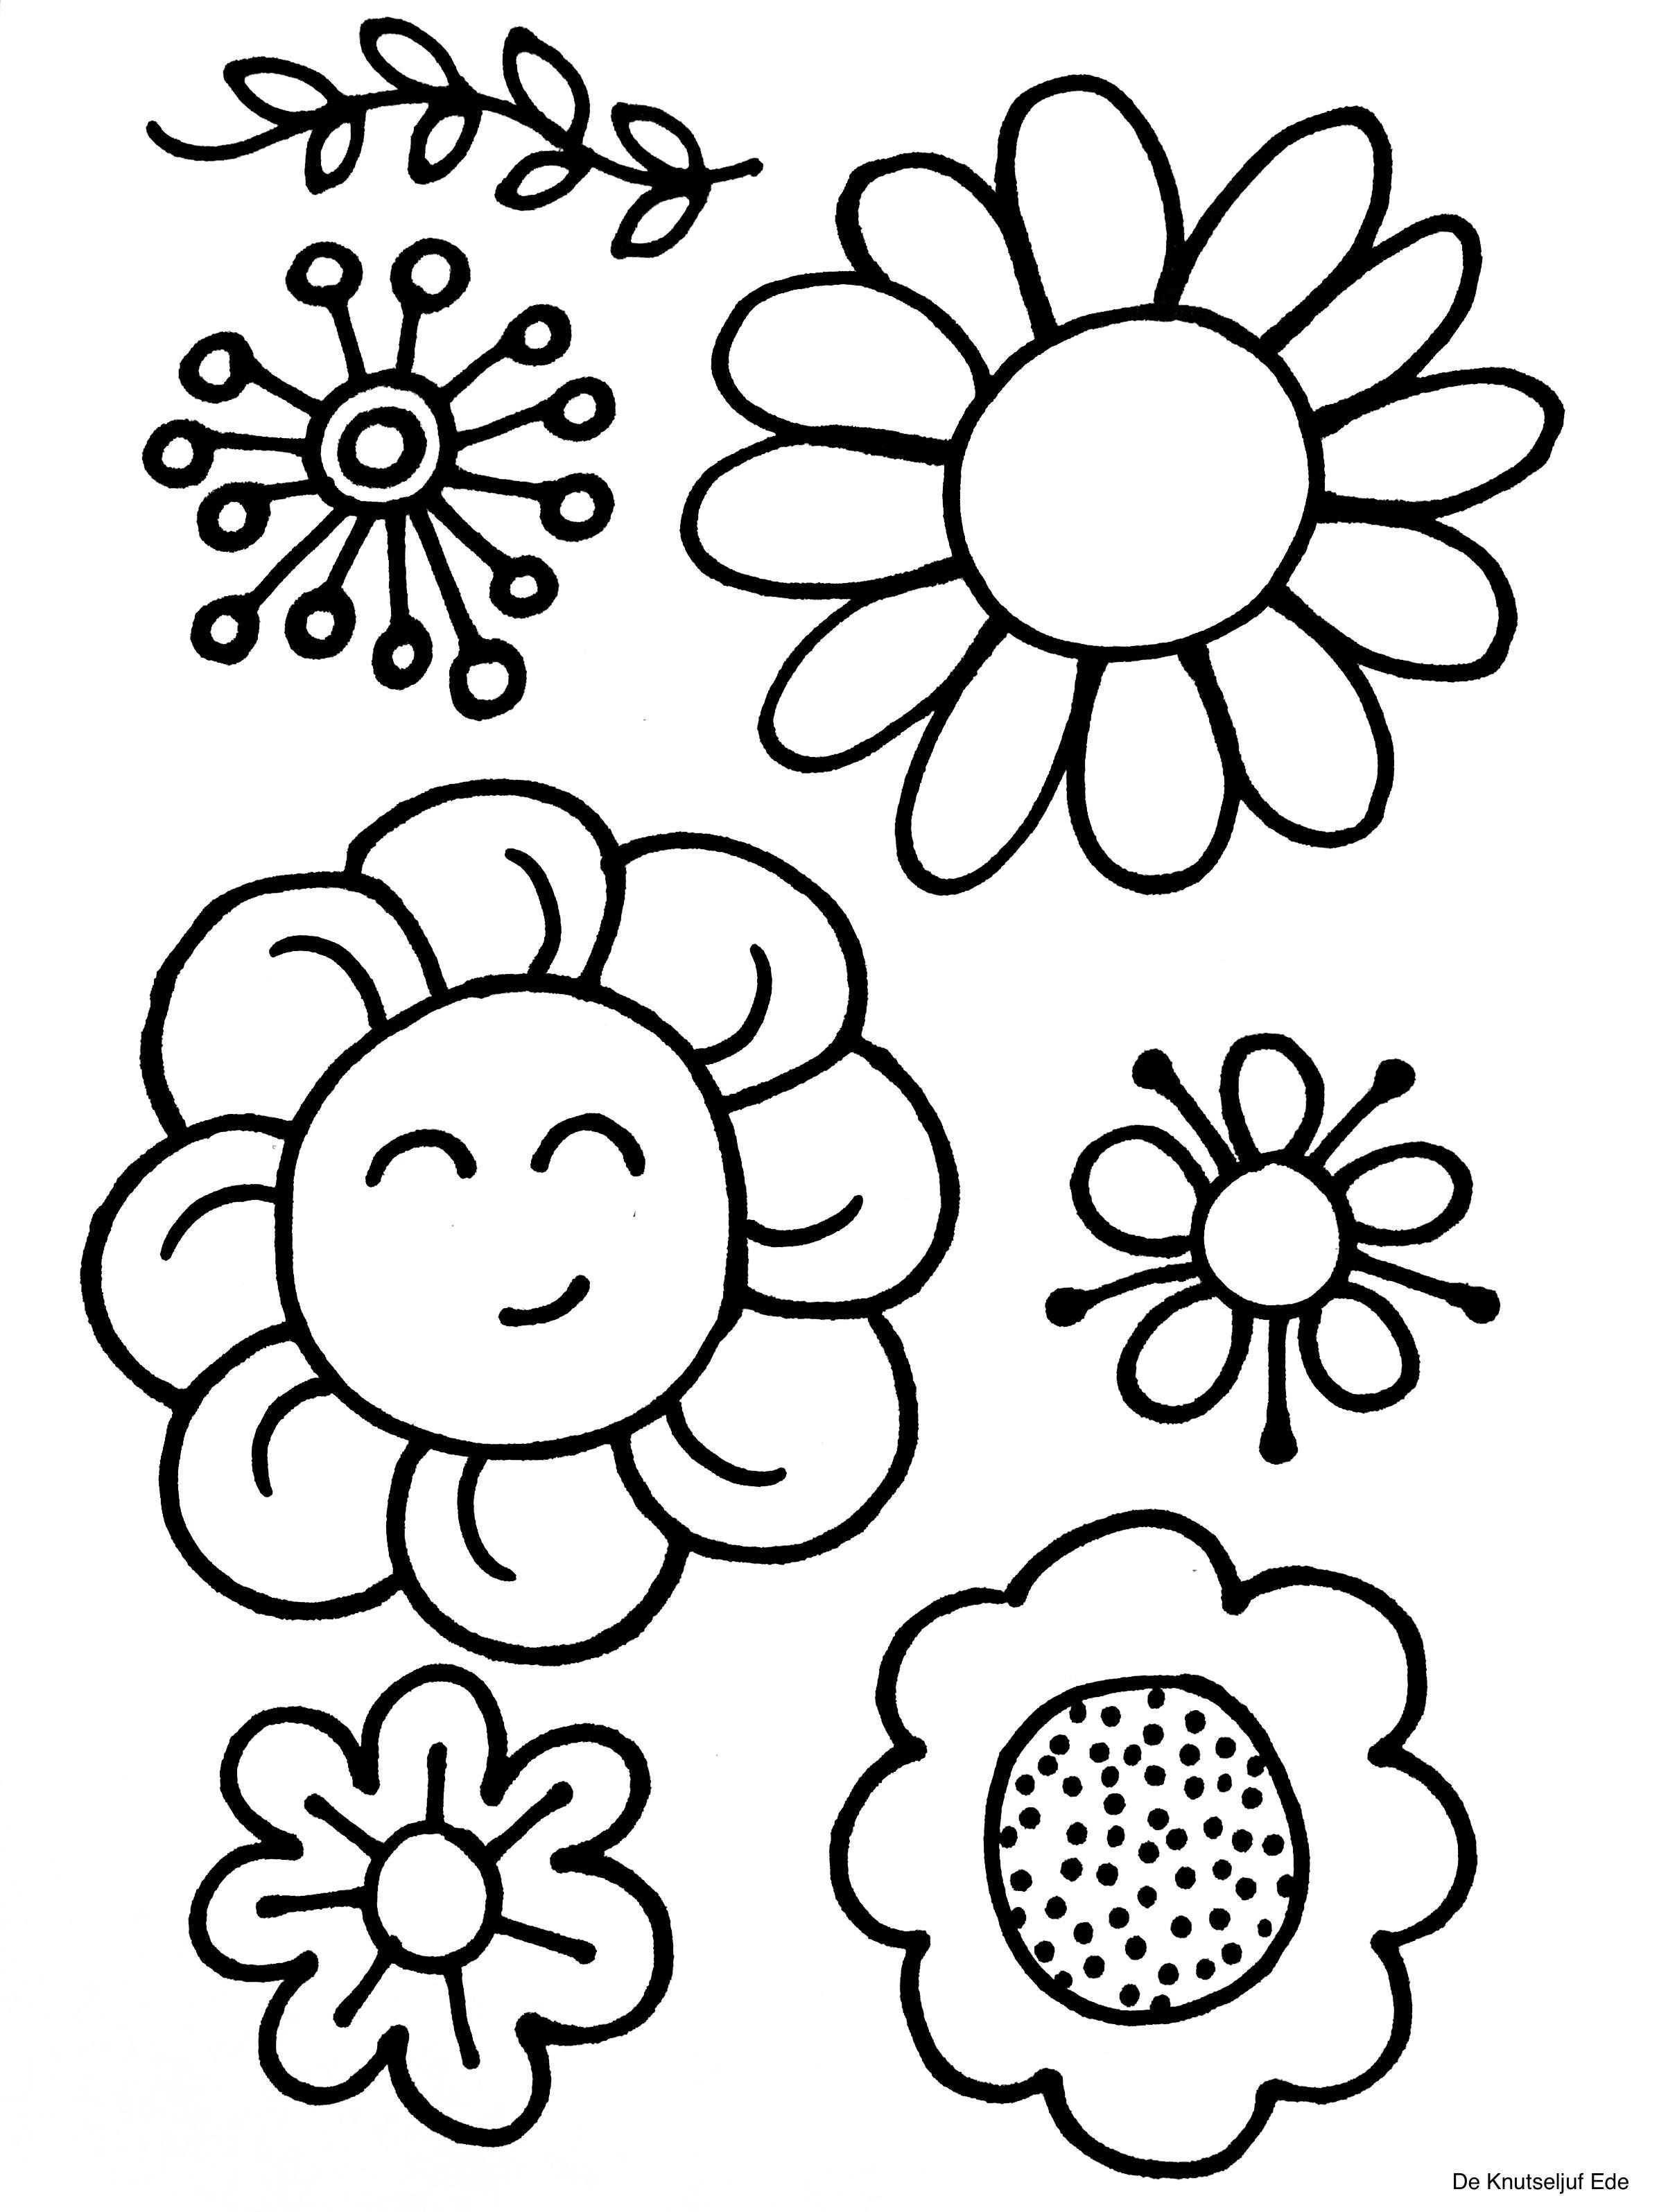 Kleurplaten Bloemen Bloemen Knutselen Kleurplaat Kleurplaten De Knutseljuf Ede Bloem Kleurplaten Bloemen Kleurplaten Kleurplaten